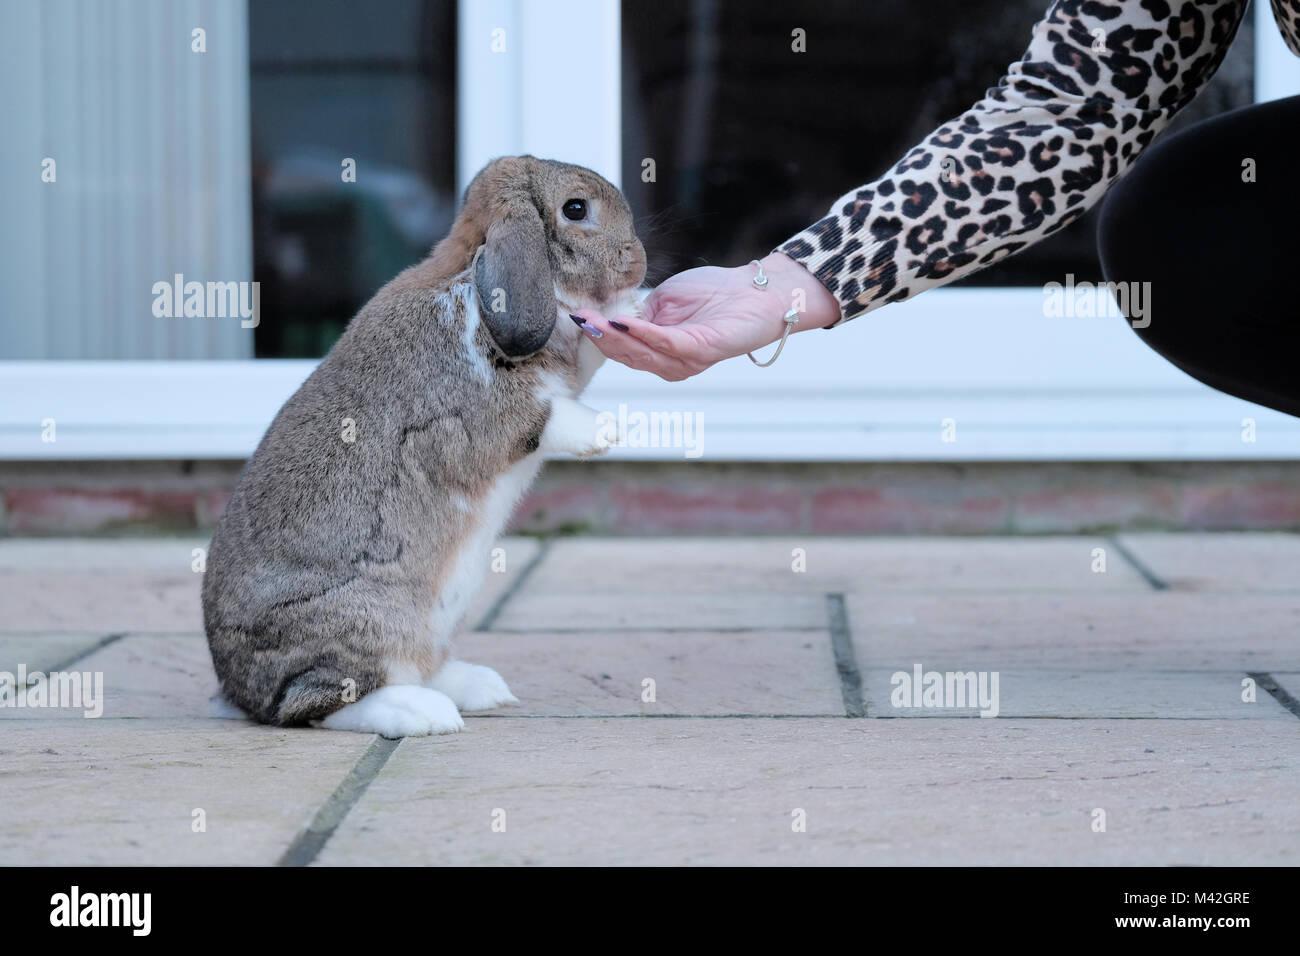 Ein Zahmes Dwarf Lop Kaninchen, Haustier, Kaninchen isst eine Festlichkeit von seinem Besitzer Hand. Das Kaninchen Stockbild